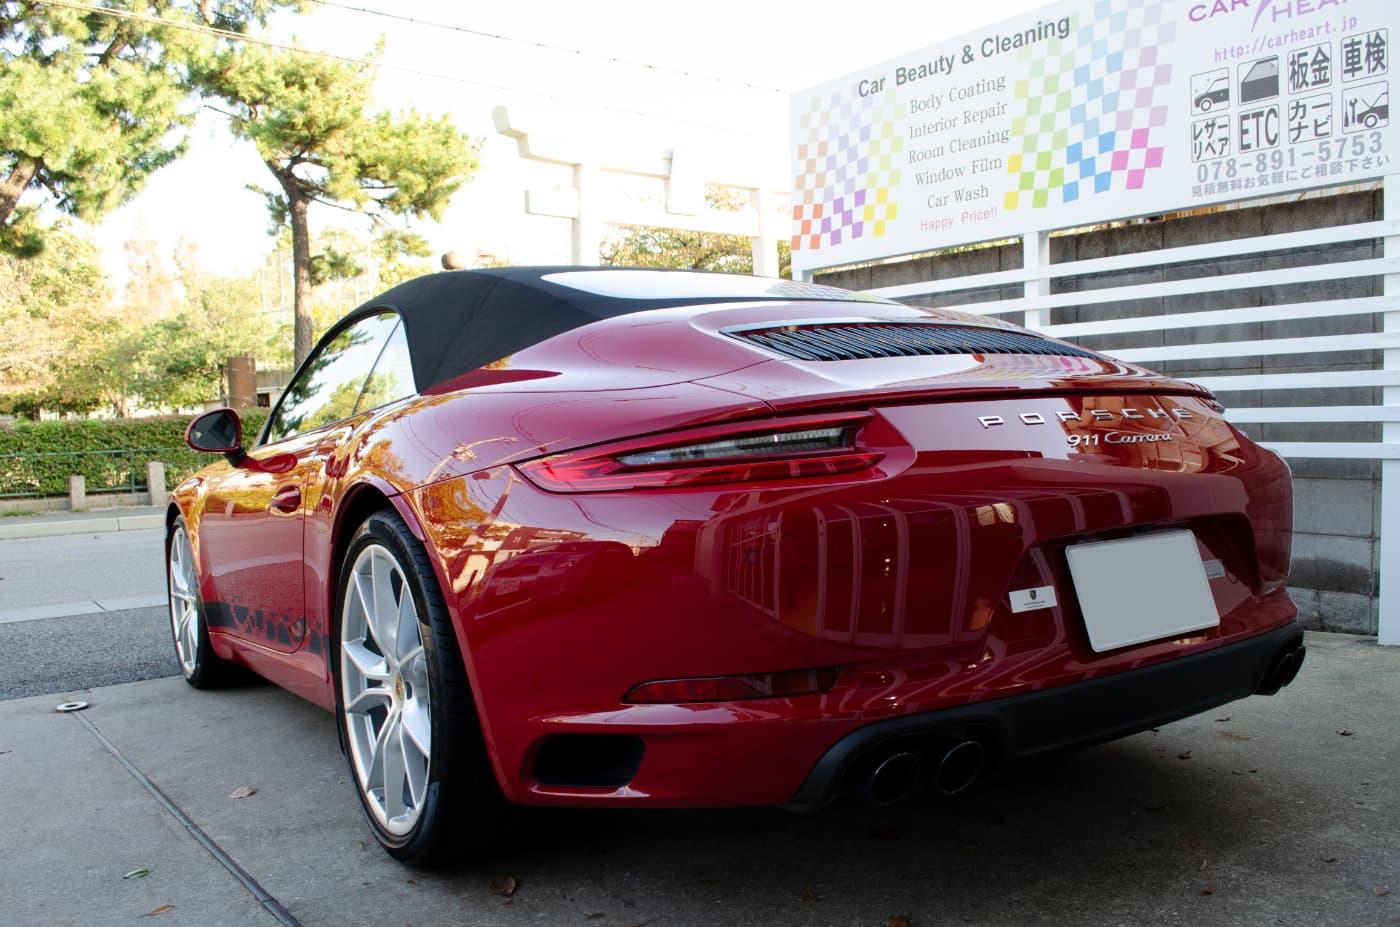 ジェネシス ステラ ガラスコーティングとレザーコーティングを施工したPORSCHE 911 Carrera Cabriolet